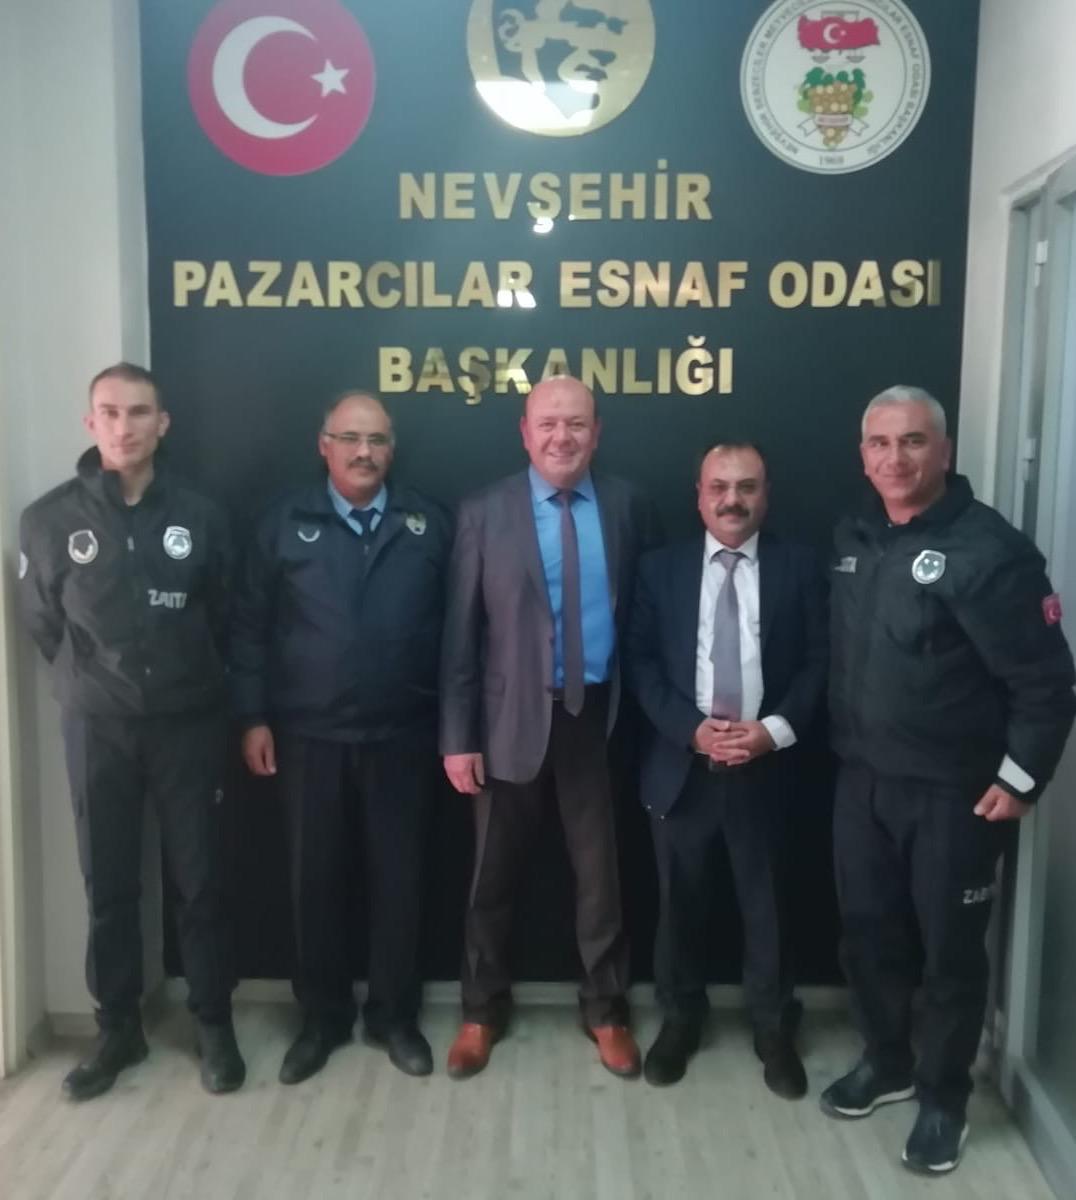 Ürgüp ve Kozaklı zabıta müdürleri Nevşehir pazaryerini incelediler